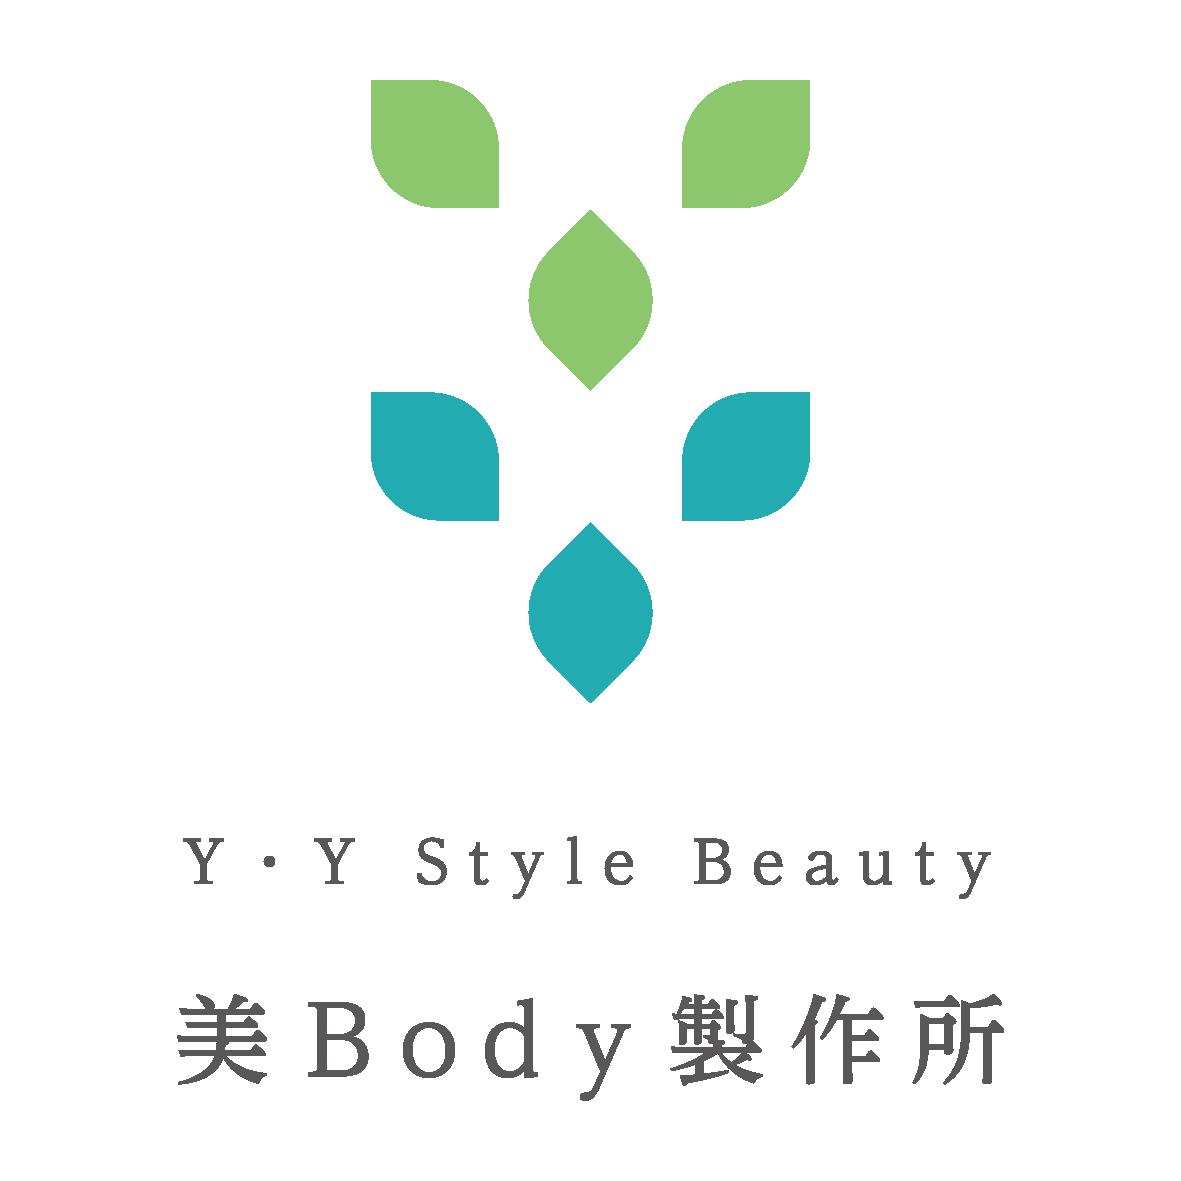 美容室/理髪店/美容系サロンと高級感/気品と緑のロゴ